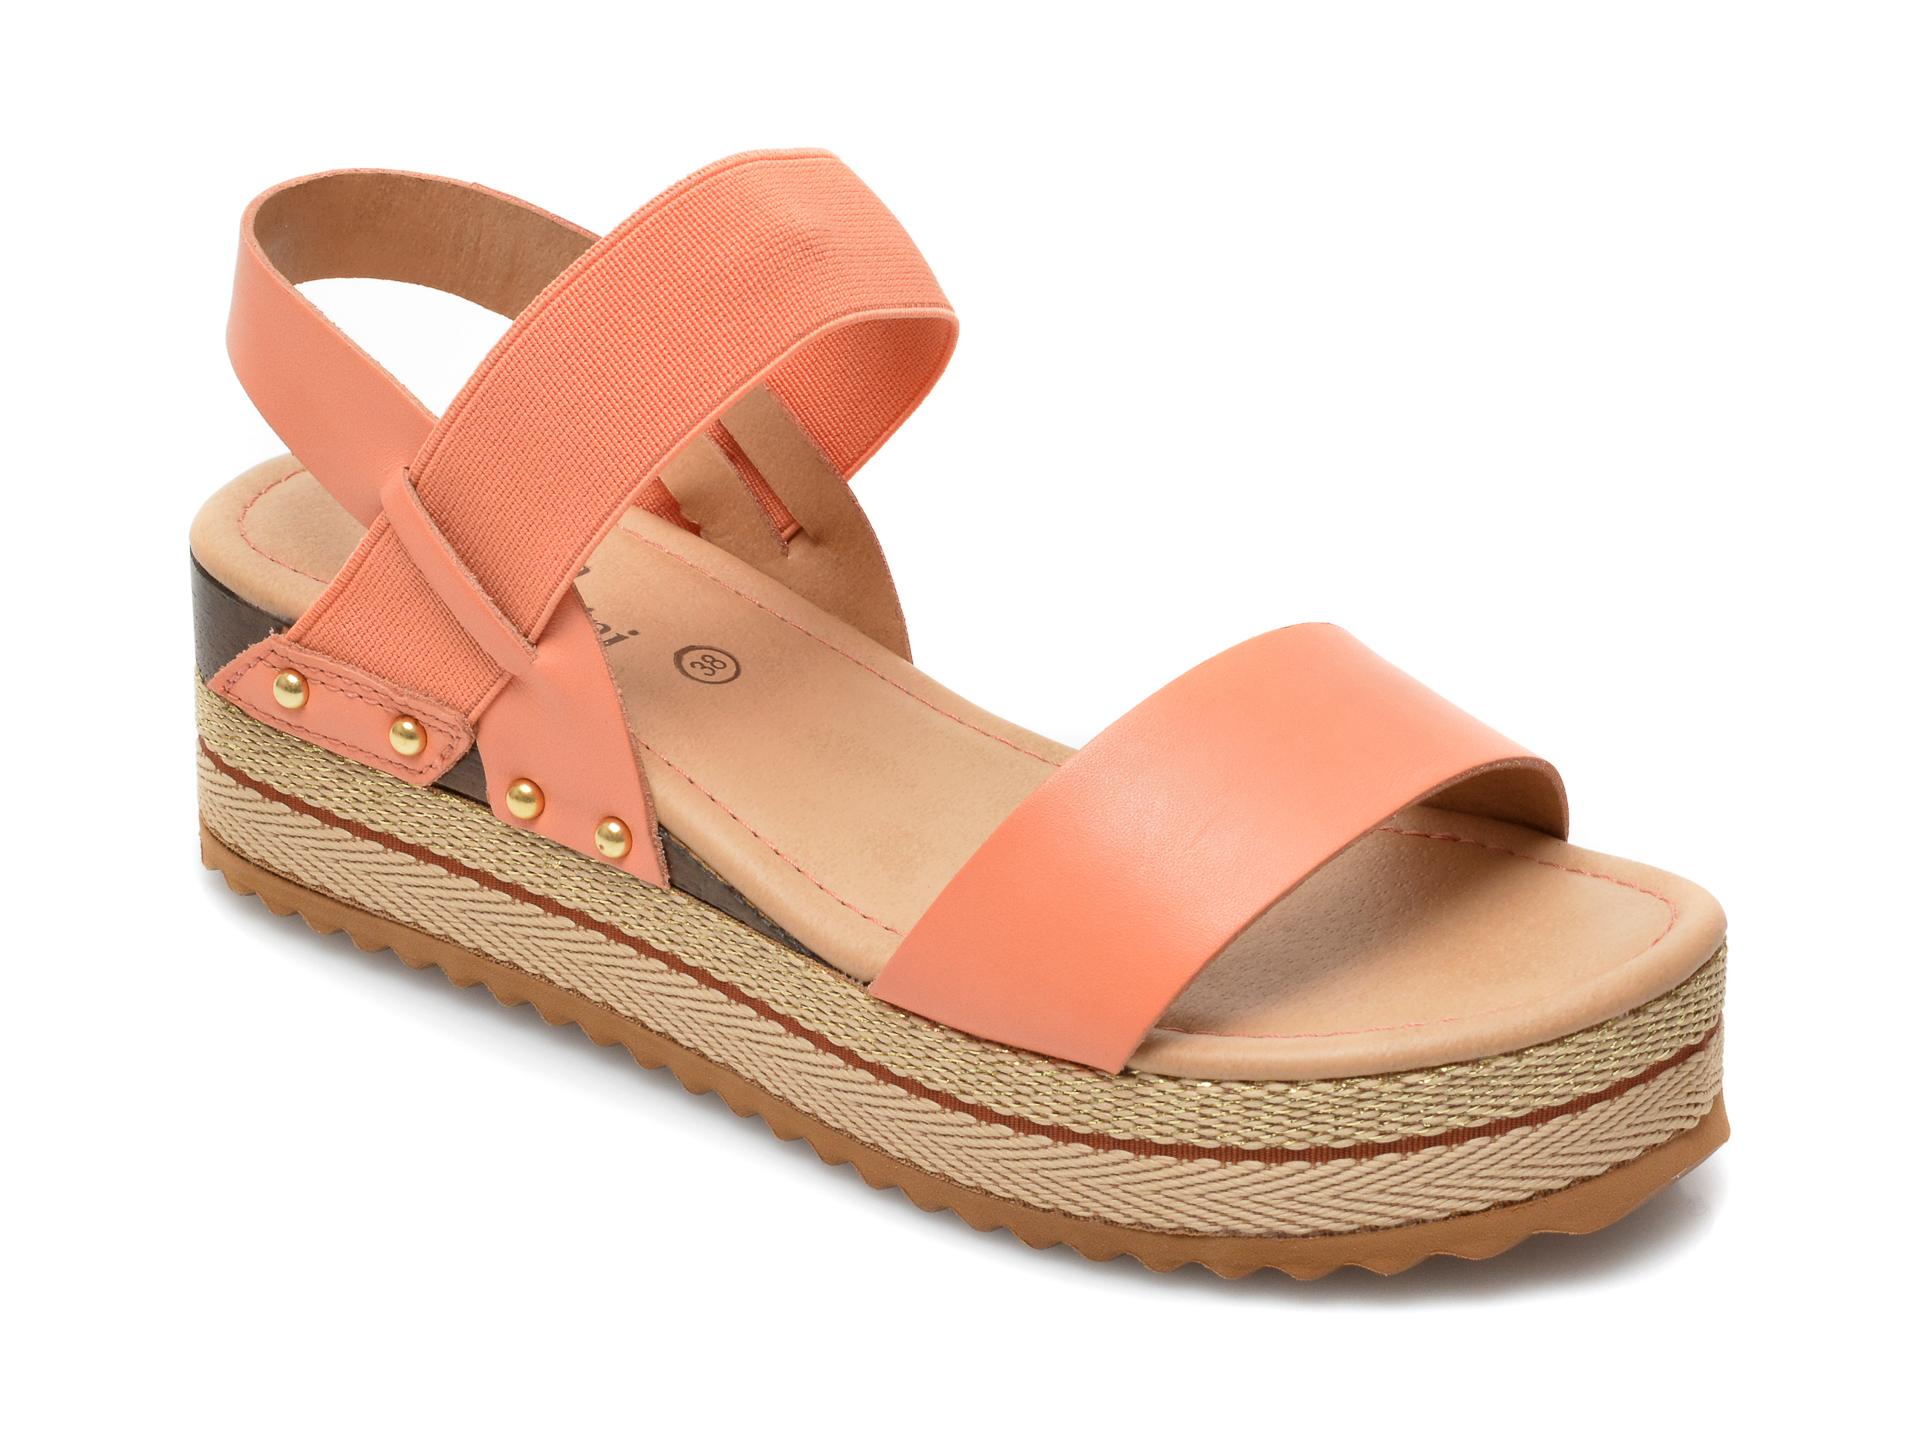 Sandale FLAVIA PASSINI portocalii, 320801, din piele naturala imagine otter.ro